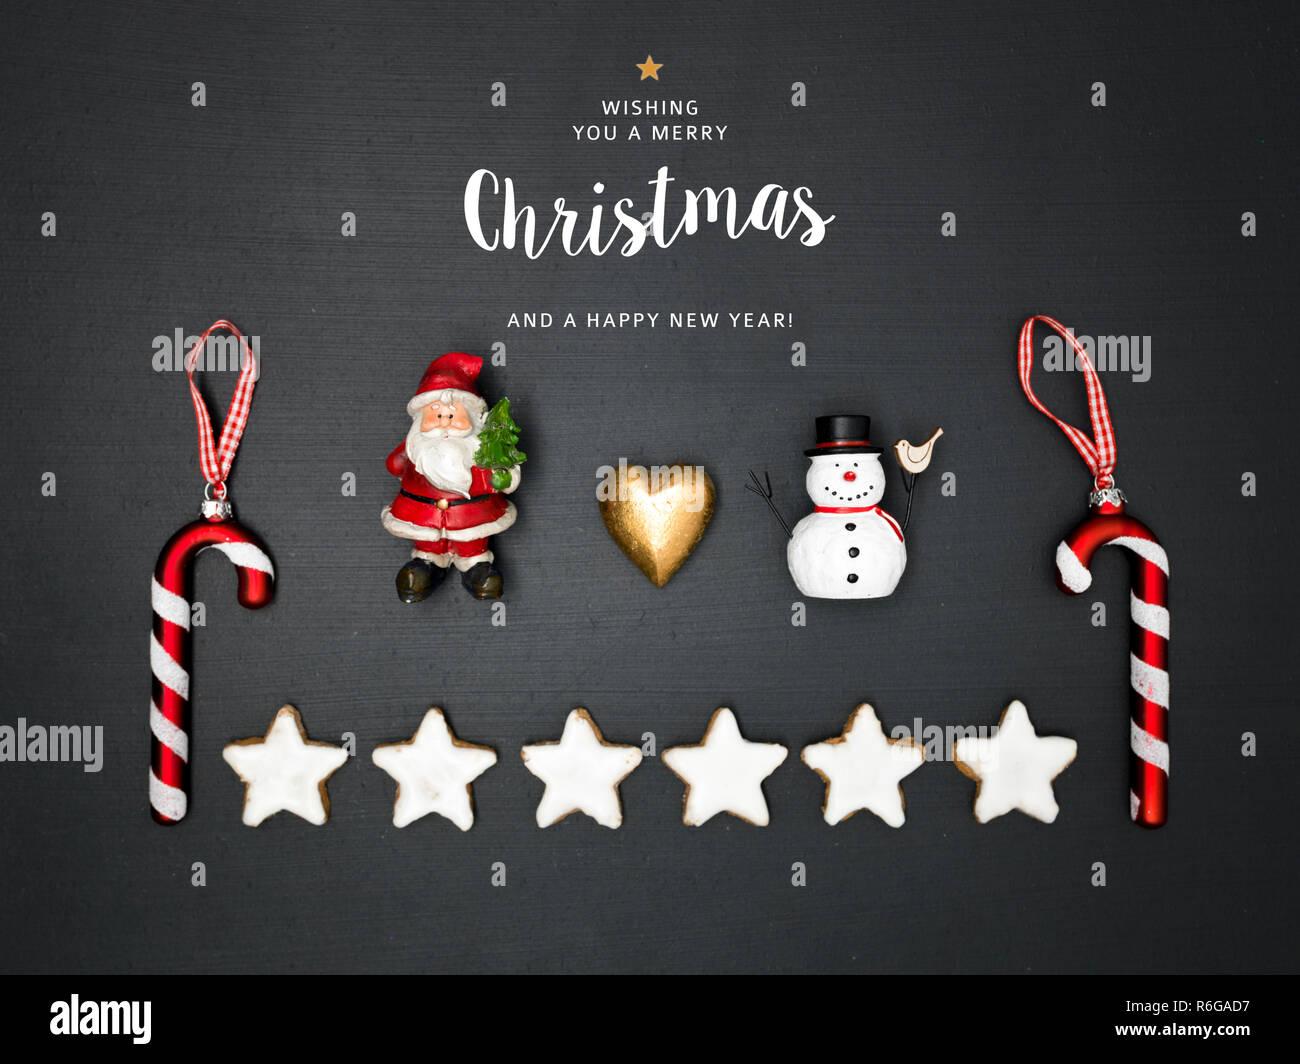 Frohe Weihnachten Schriftzug Beleuchtet.Weihnachten Hintergrund Mit Schriftzug Frohe Weihnachten Und